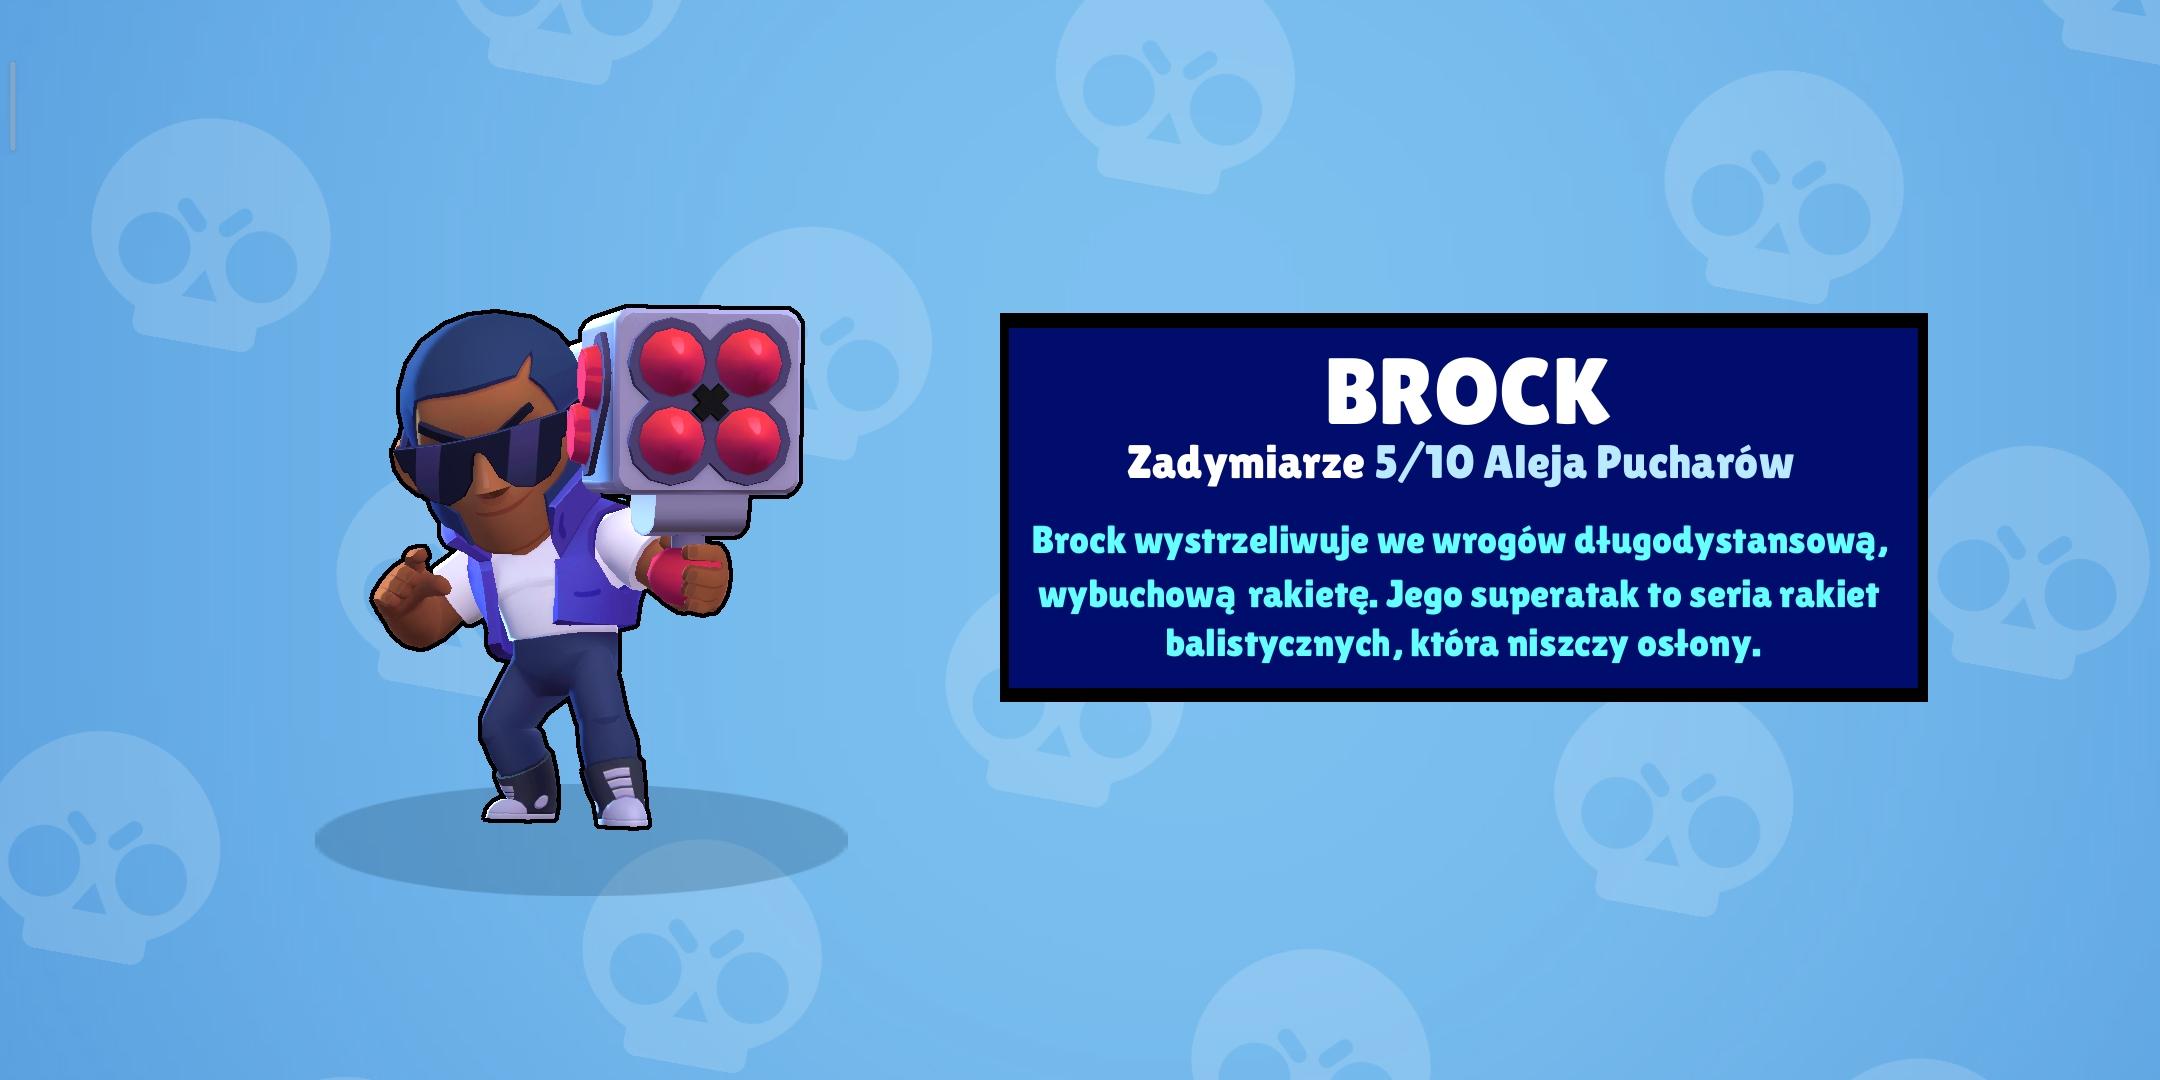 Screenshot_2020_02_06_13_45_31_193_com.supercell.brawlstars